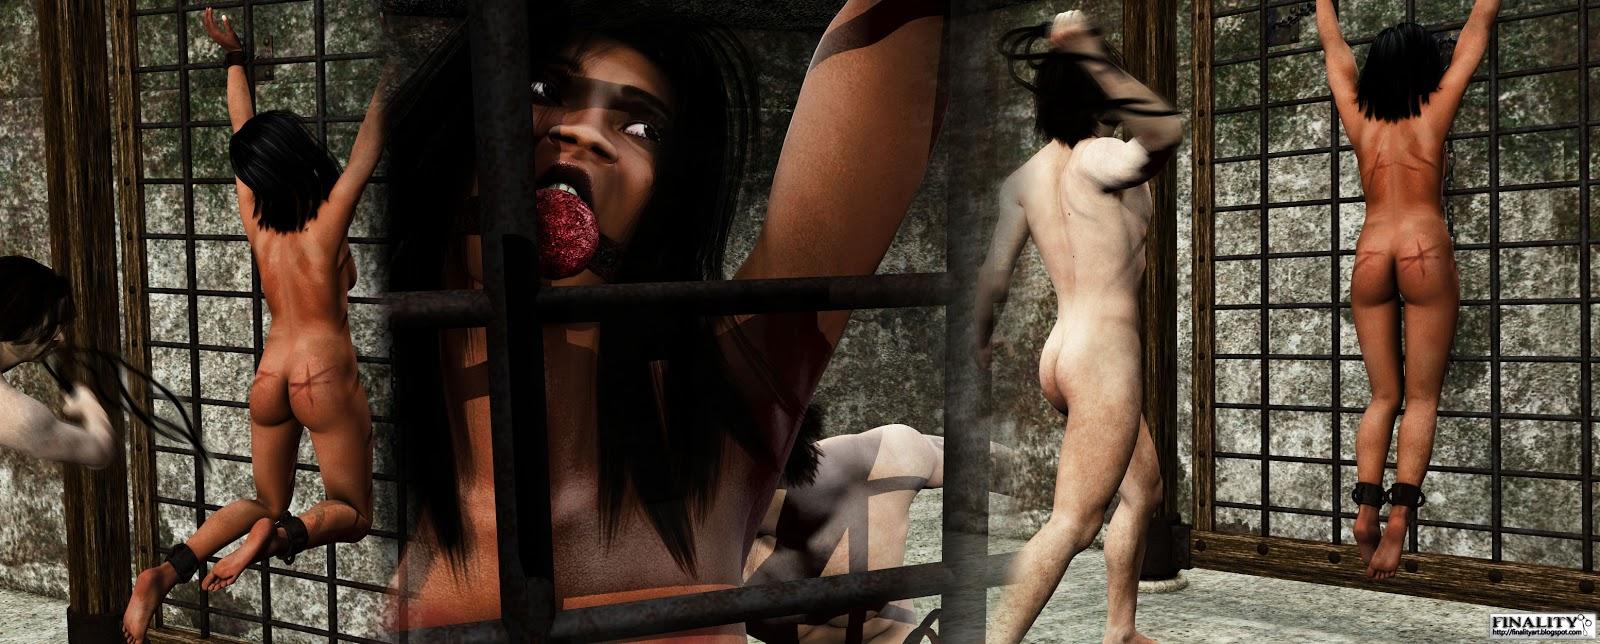 Huge boob jailbait naked